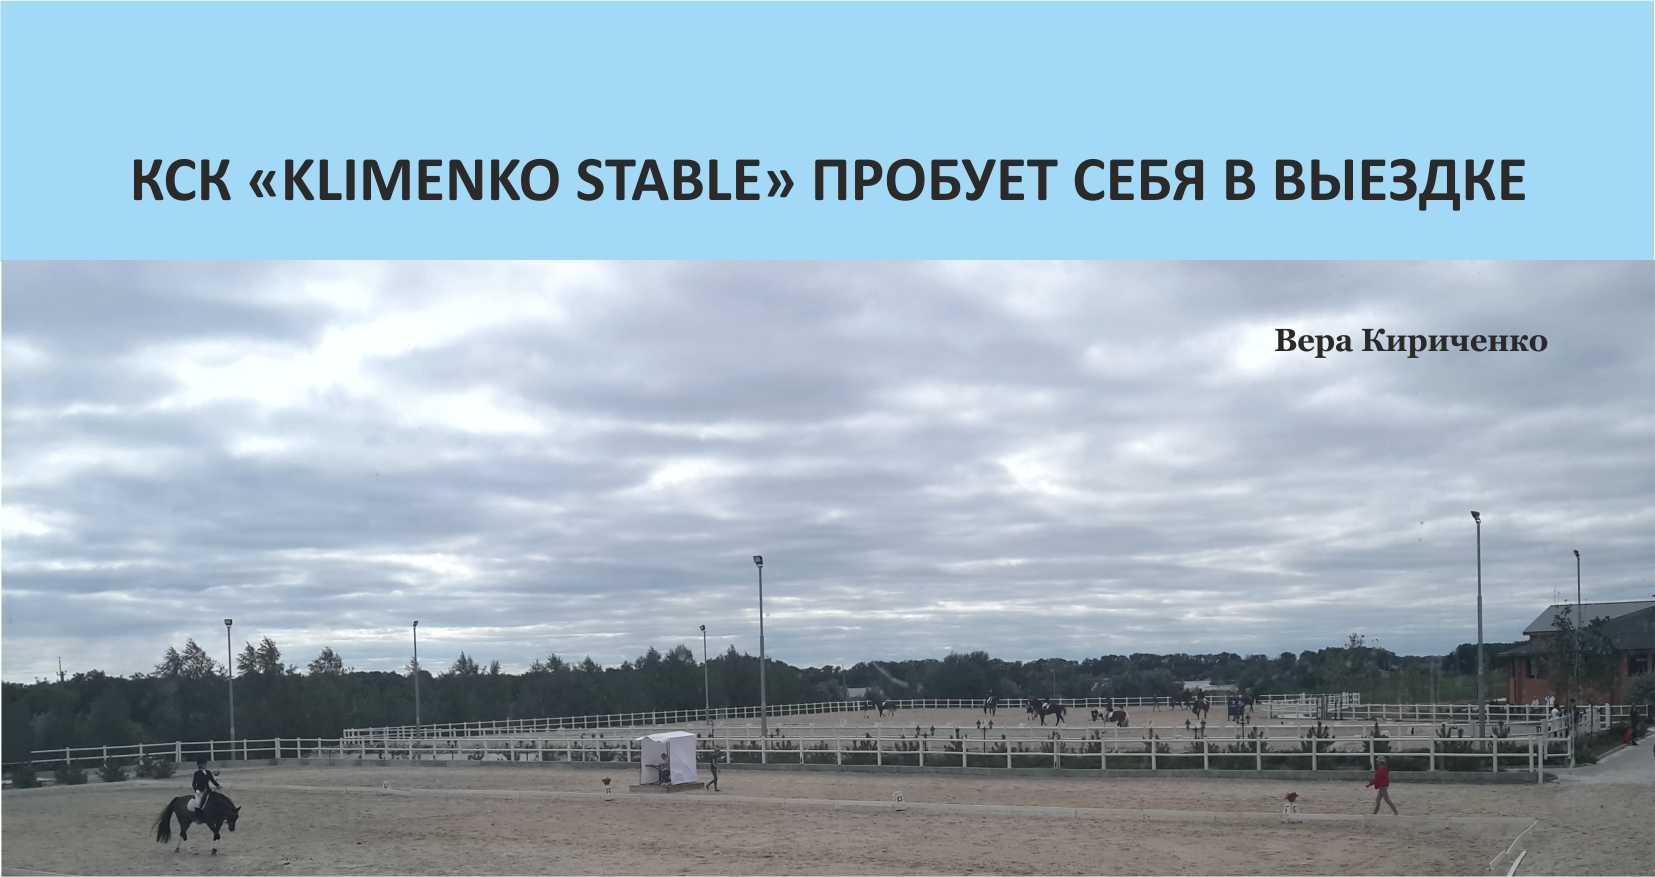 КСК «Klimenko Stable» пробует себя в выездке_ (выпуск журнала №41)